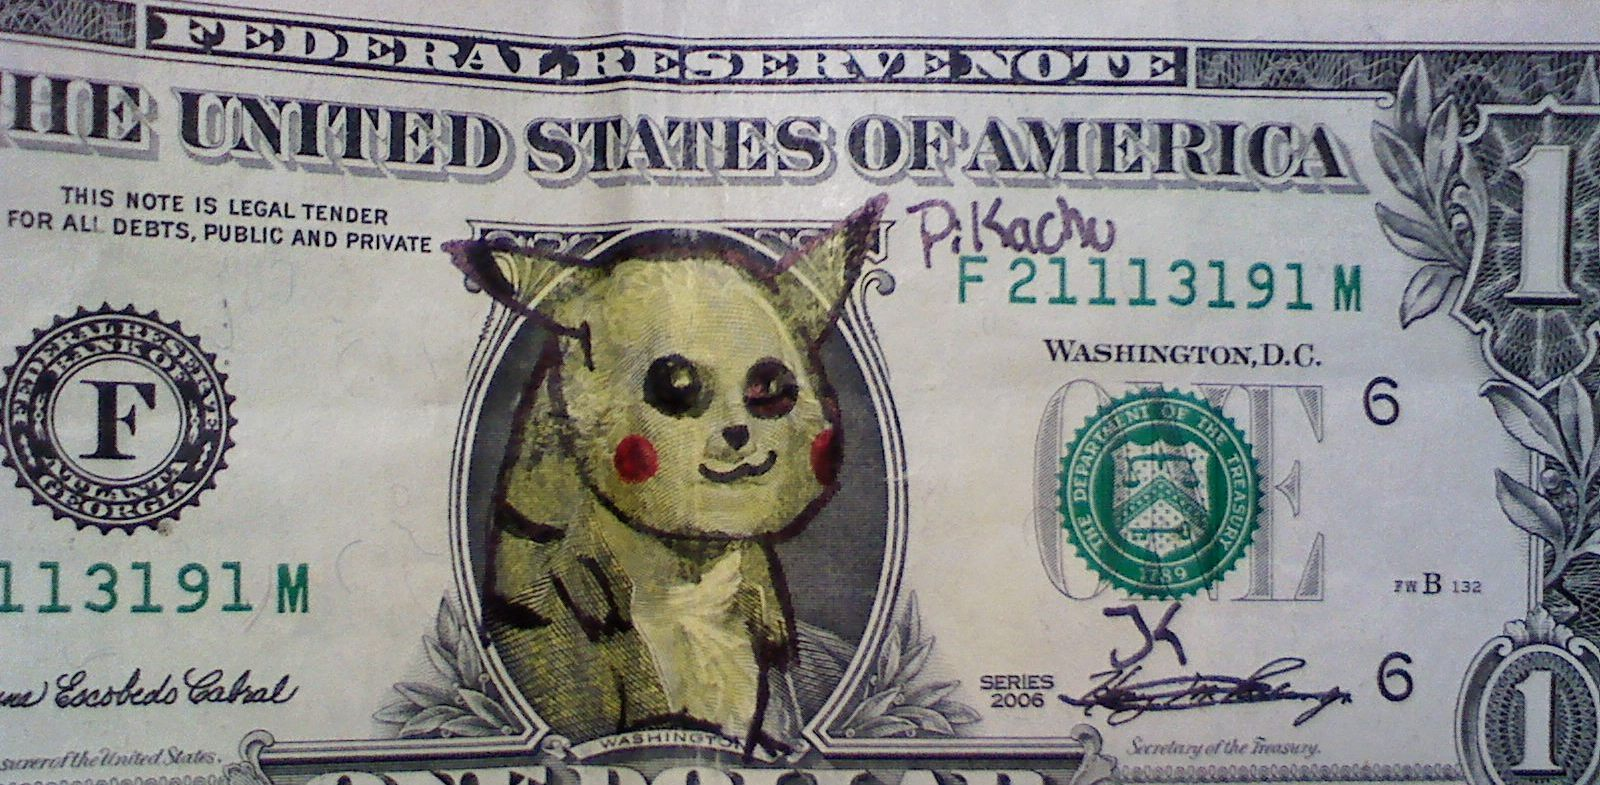 President Pikachu